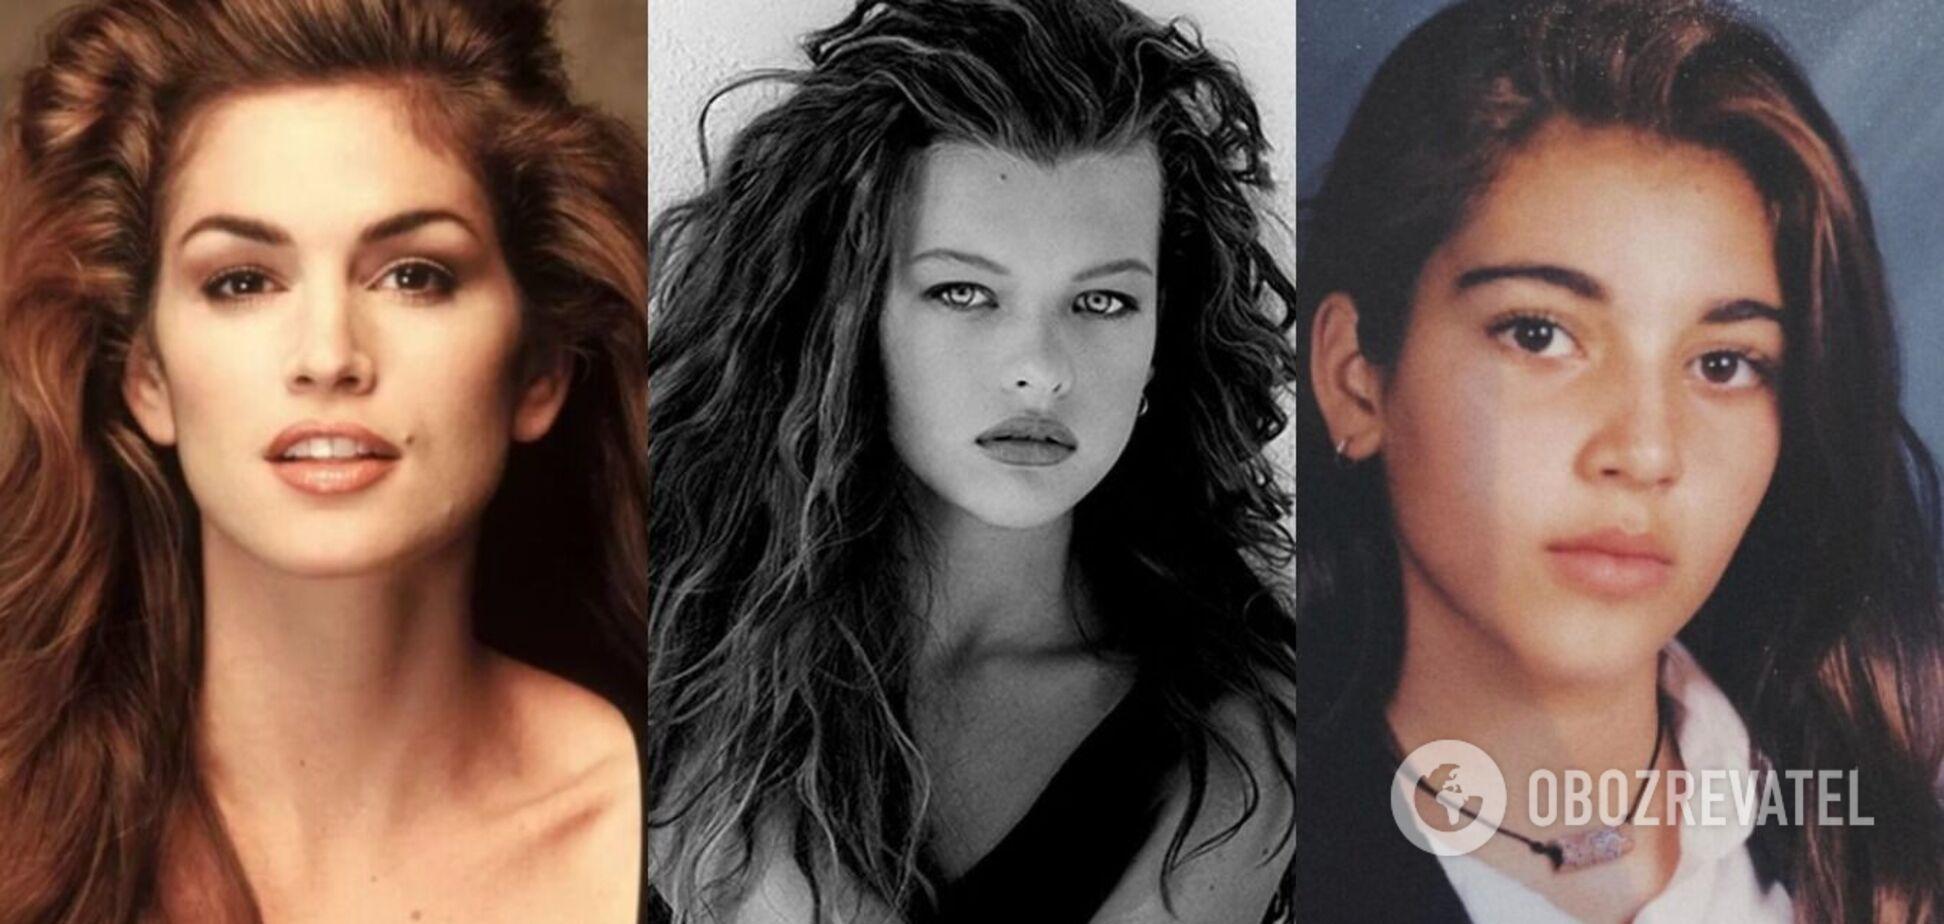 Топ-7 дочерей, которые невероятно похожи на звездных мам